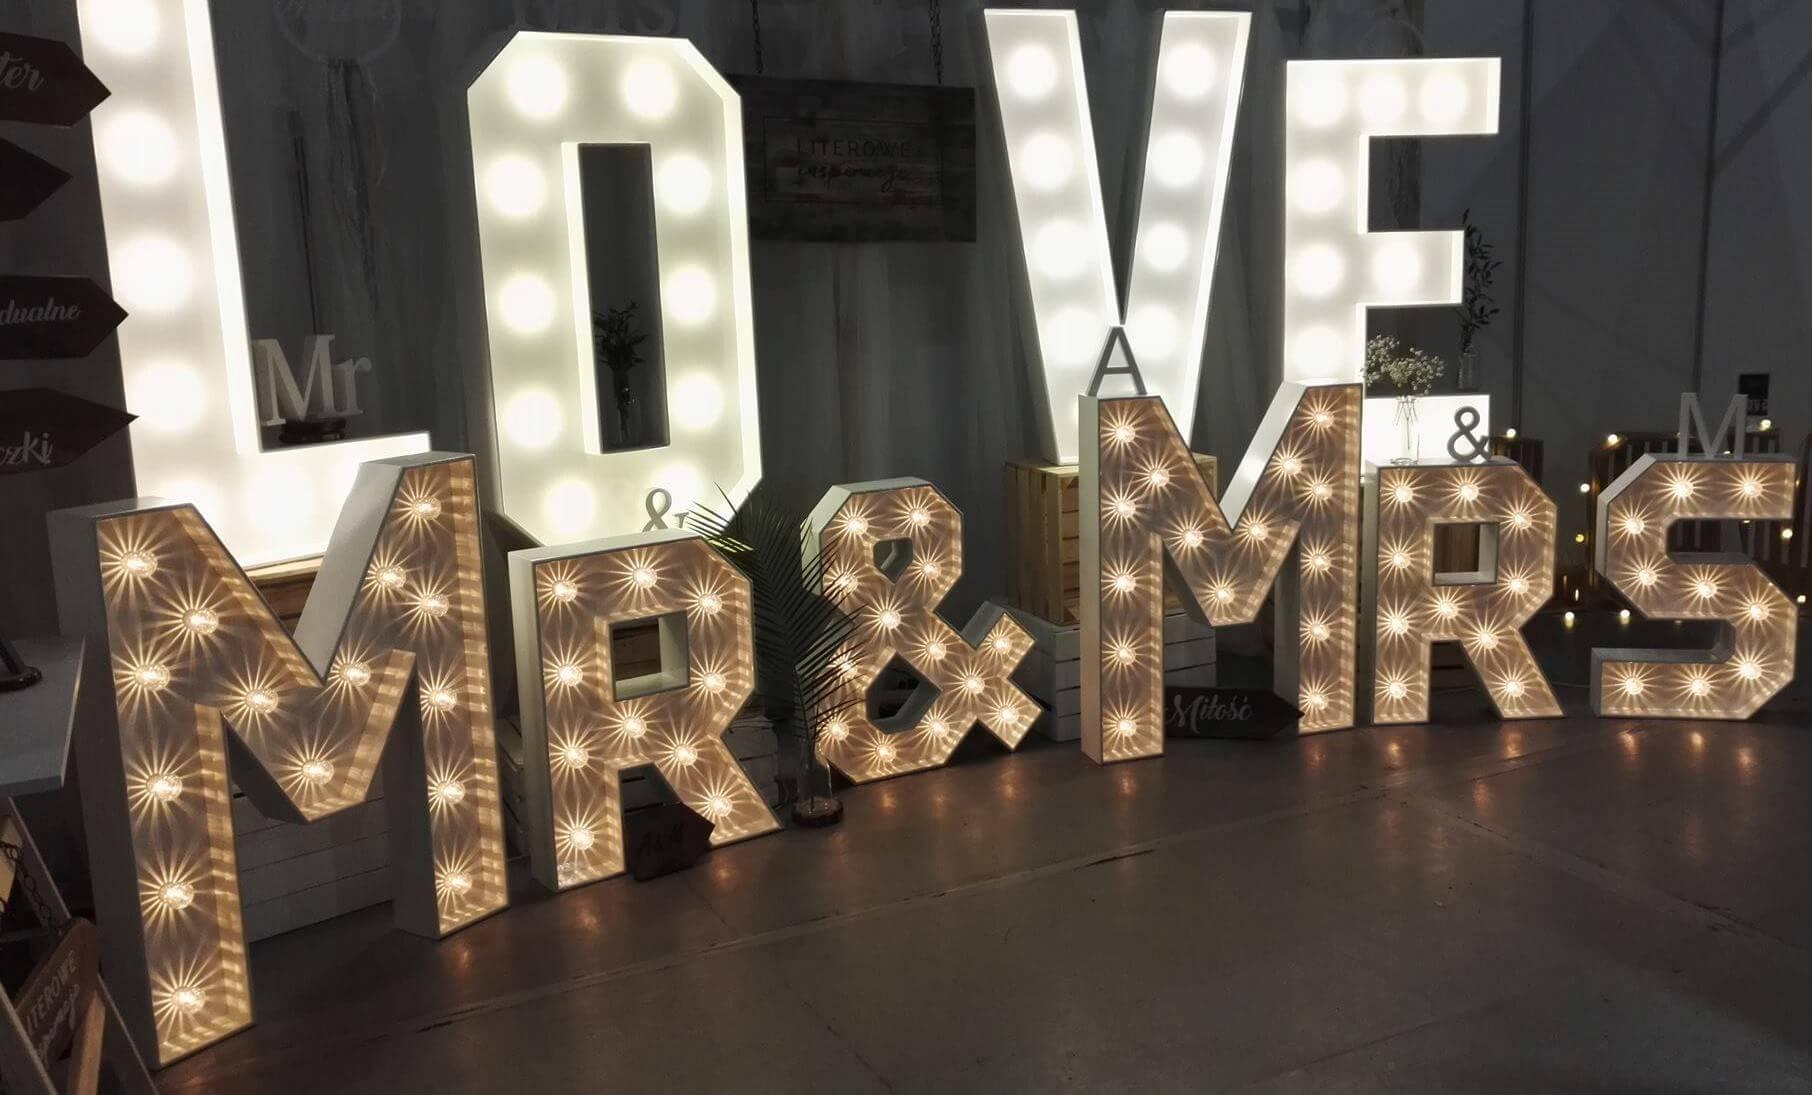 Mr&Mrs | 95cm